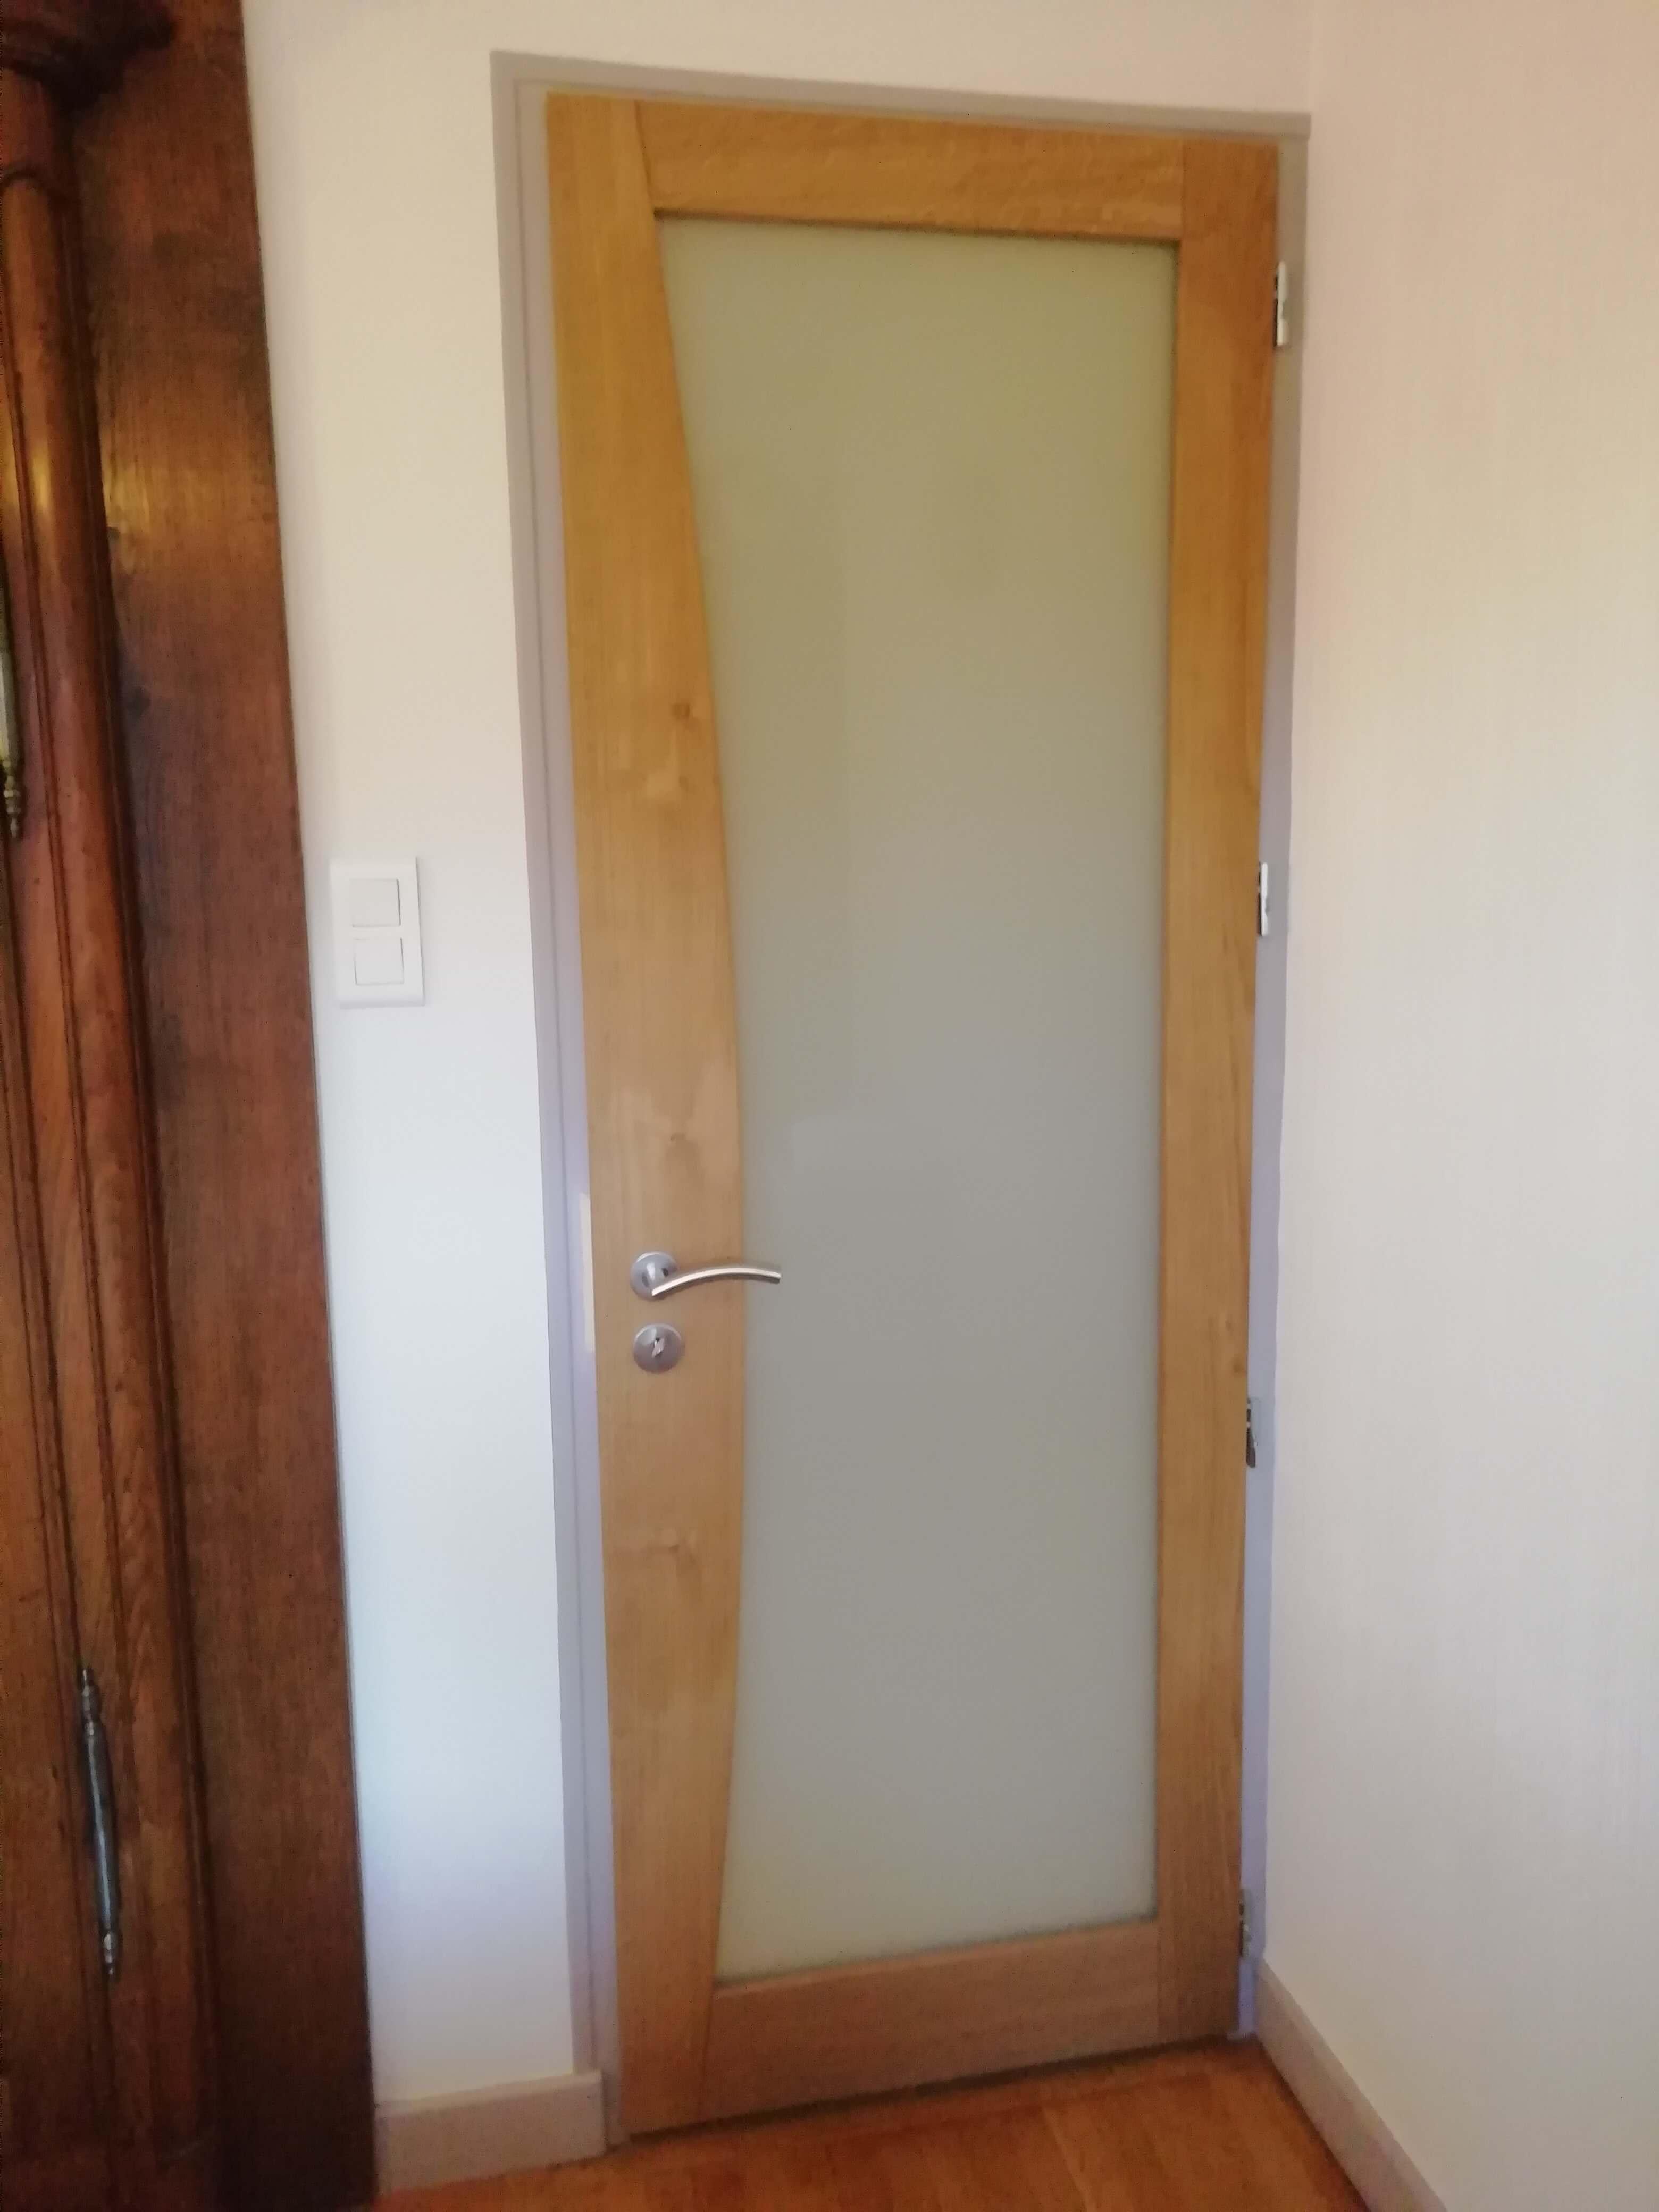 Menuiserie Figard - Fabrication sur mesure - Porte d'intérieur vitrée opale - Chêne - Vesoul